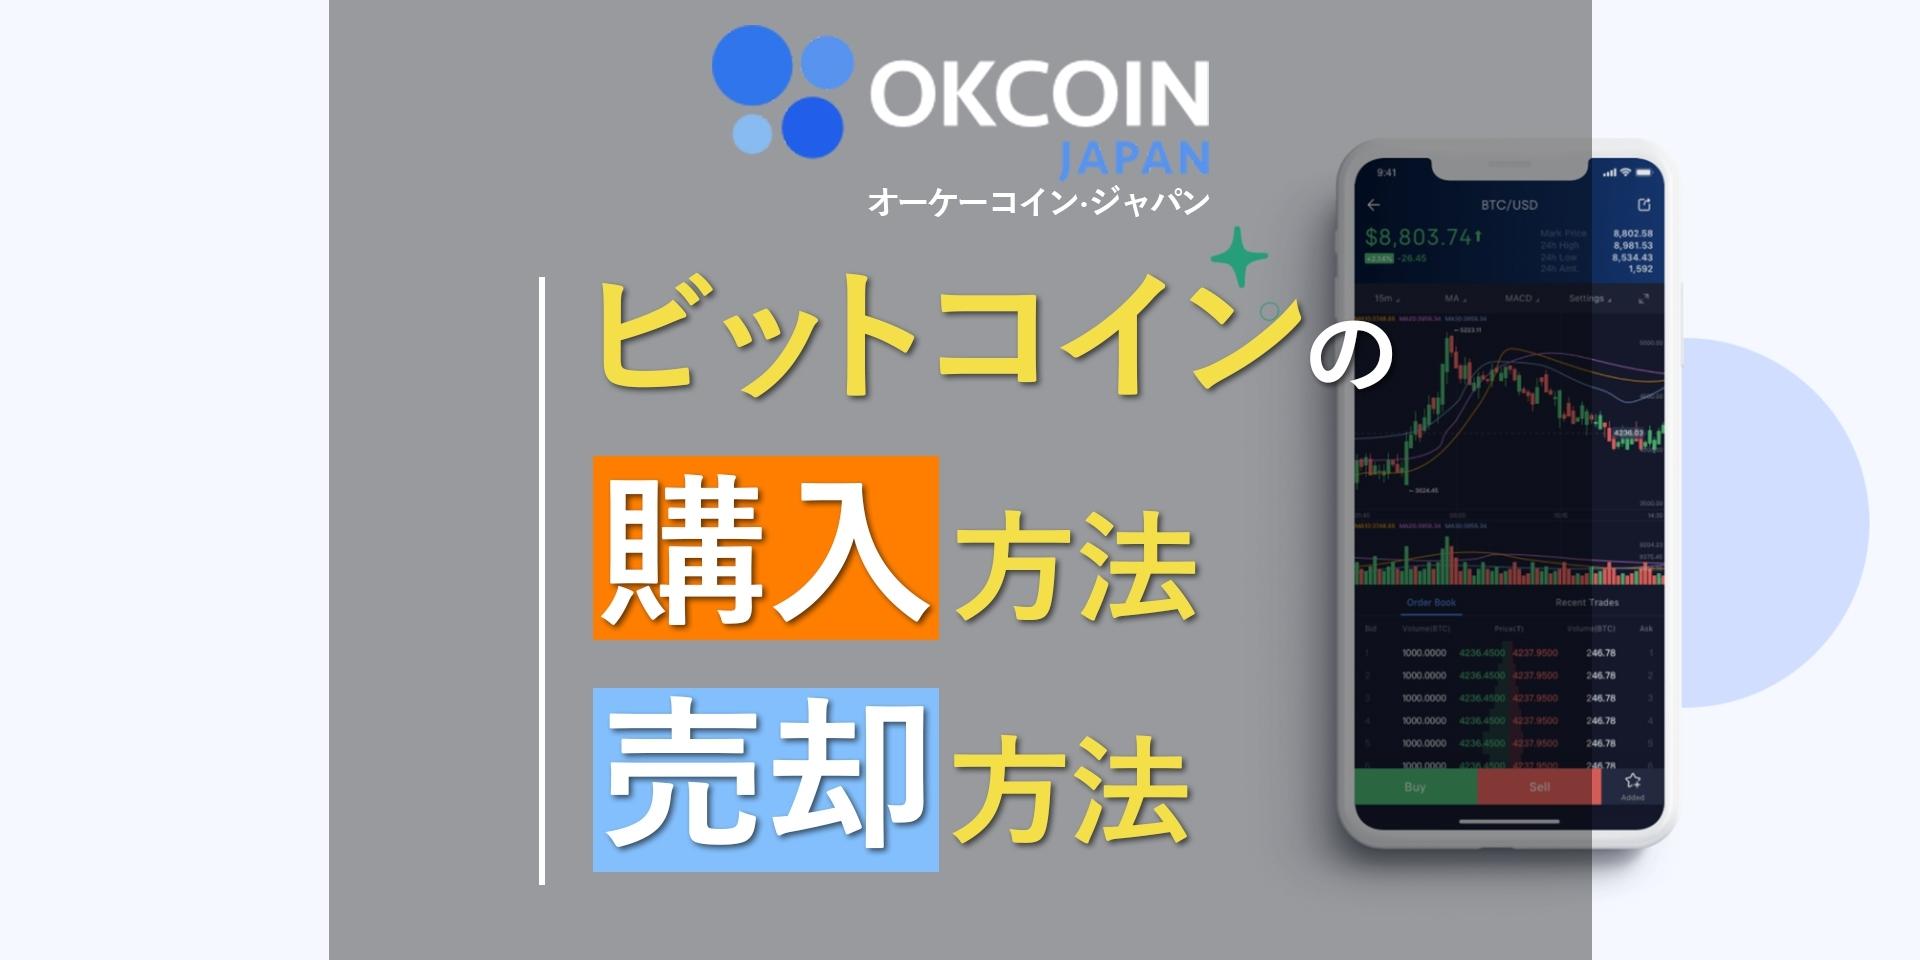 オーケーコインジャパンのビットコイン購入方法売却方法